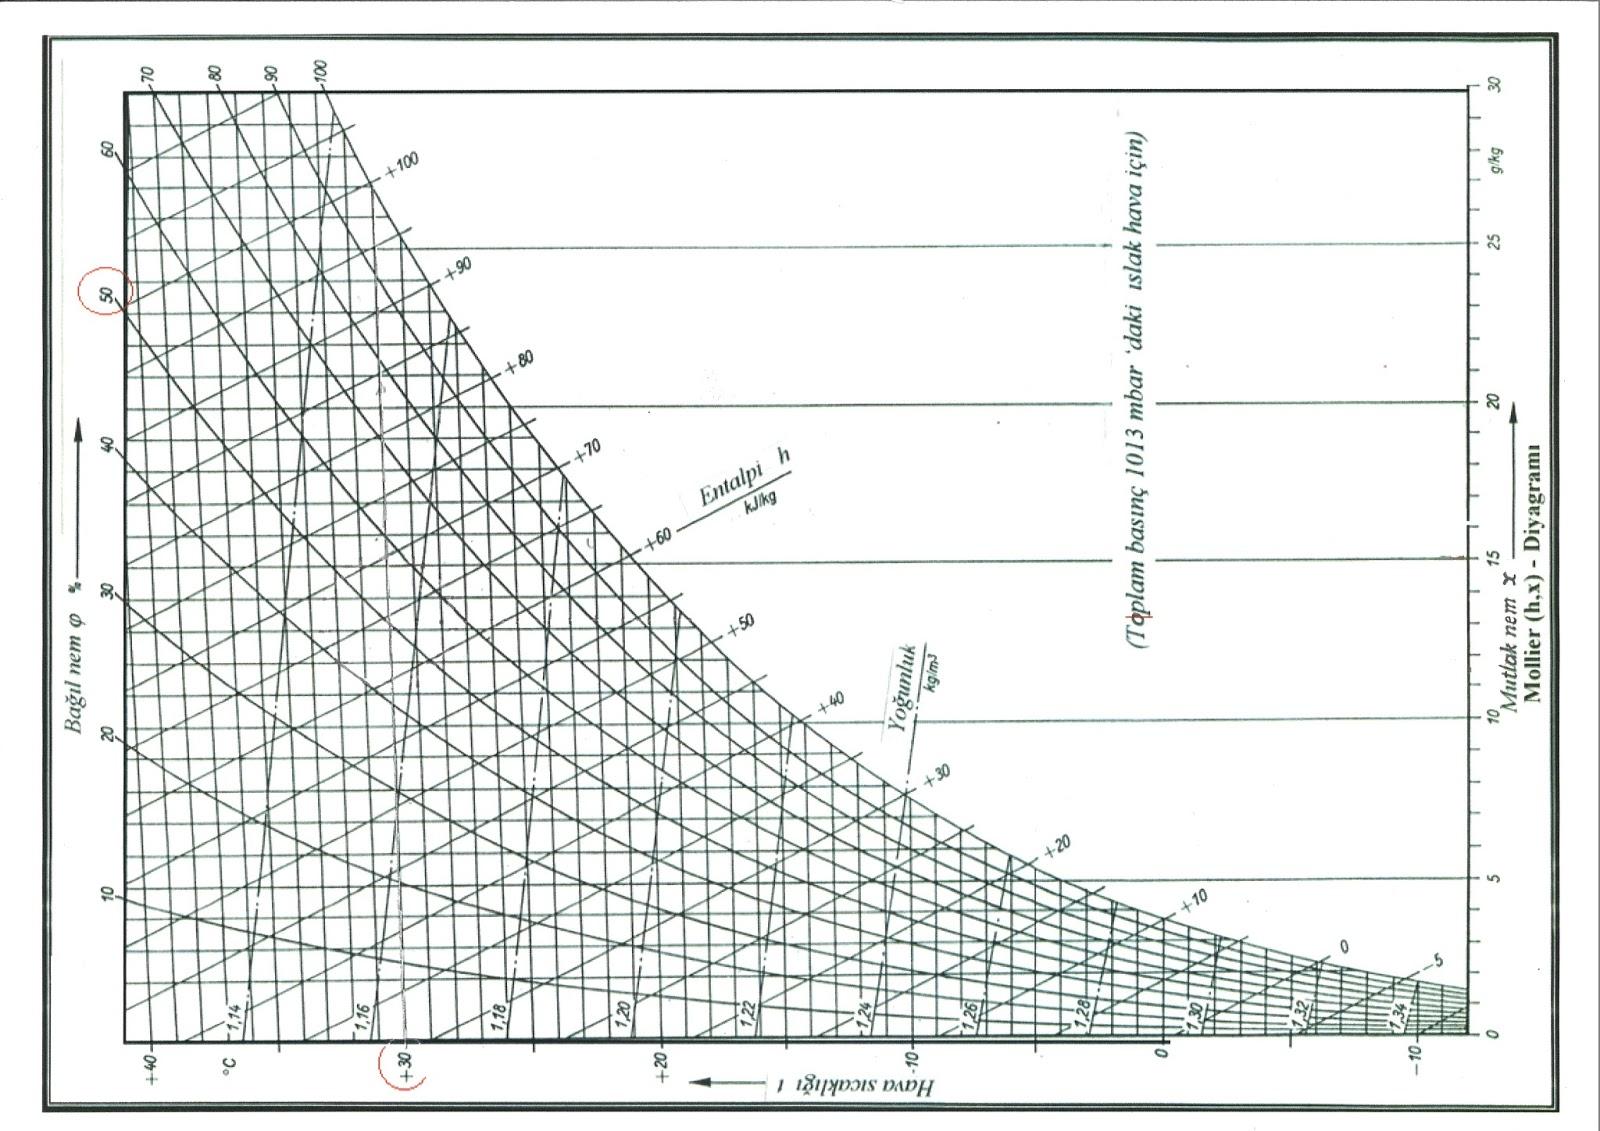 Mollier Hx Diagram U0131 1 013 Bar